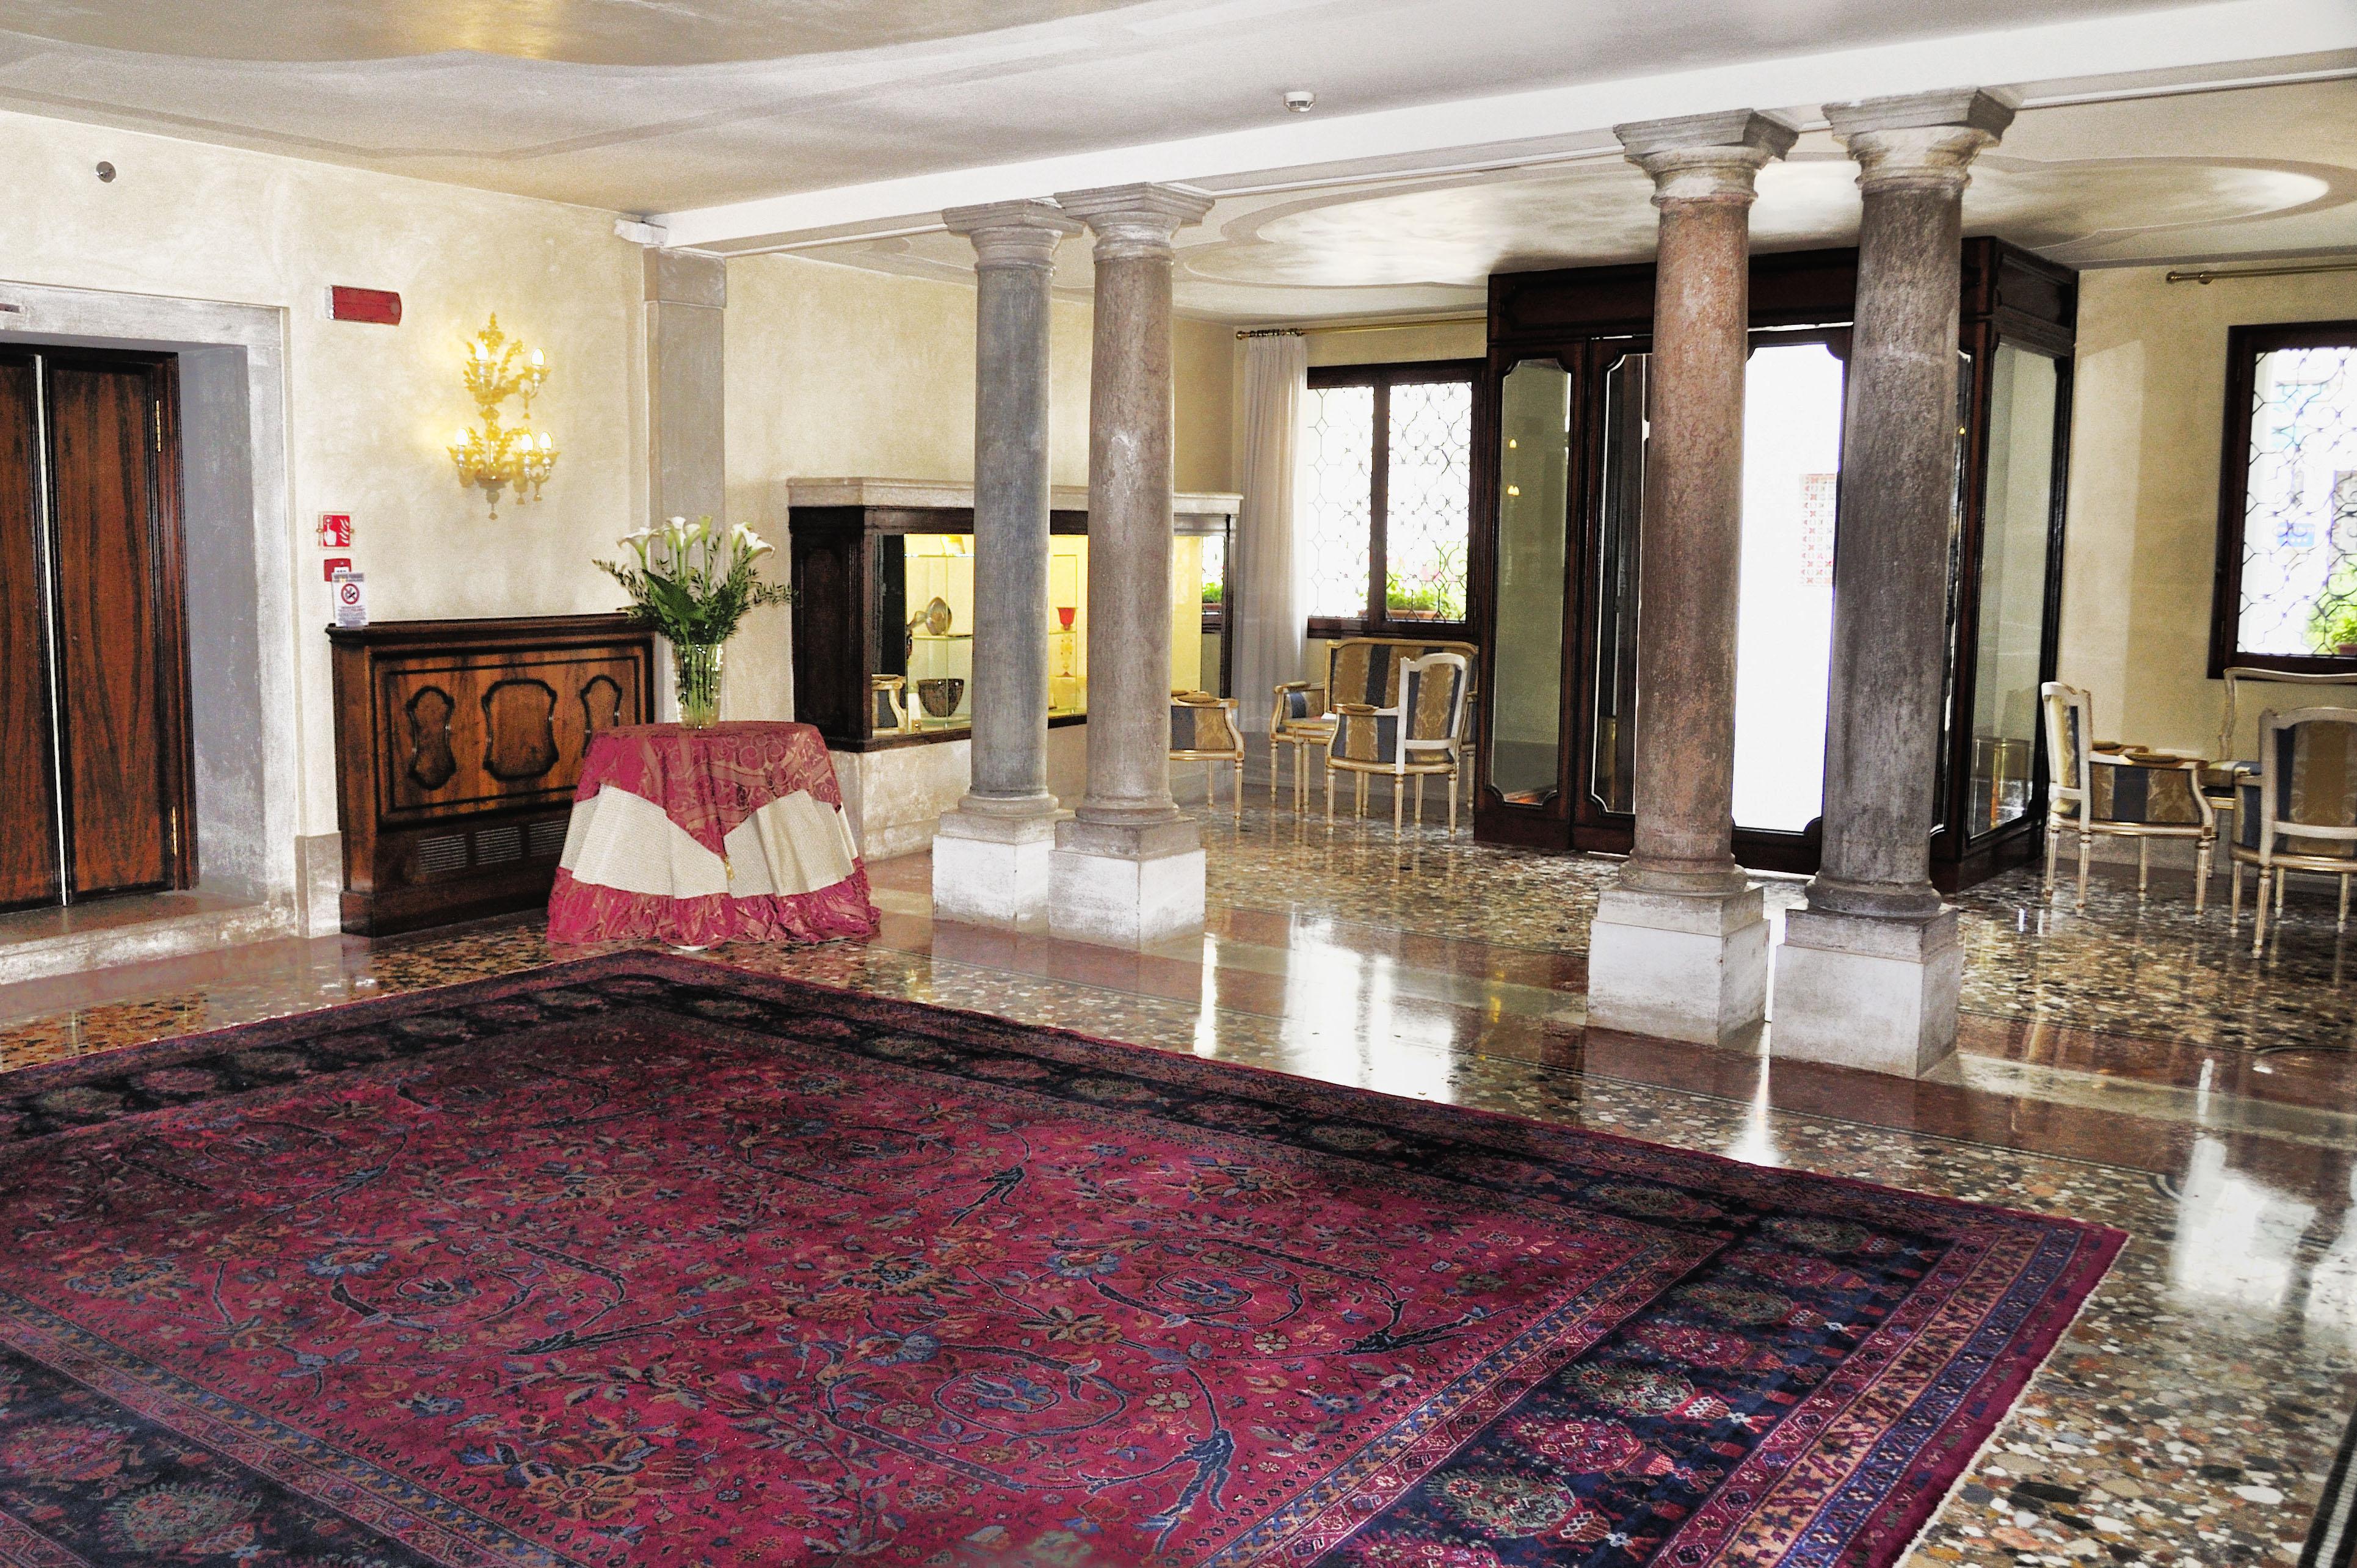 Venecia hoteles de lujo gu a de alojamiento de 5 - Hoteles roma 5 estrellas ...